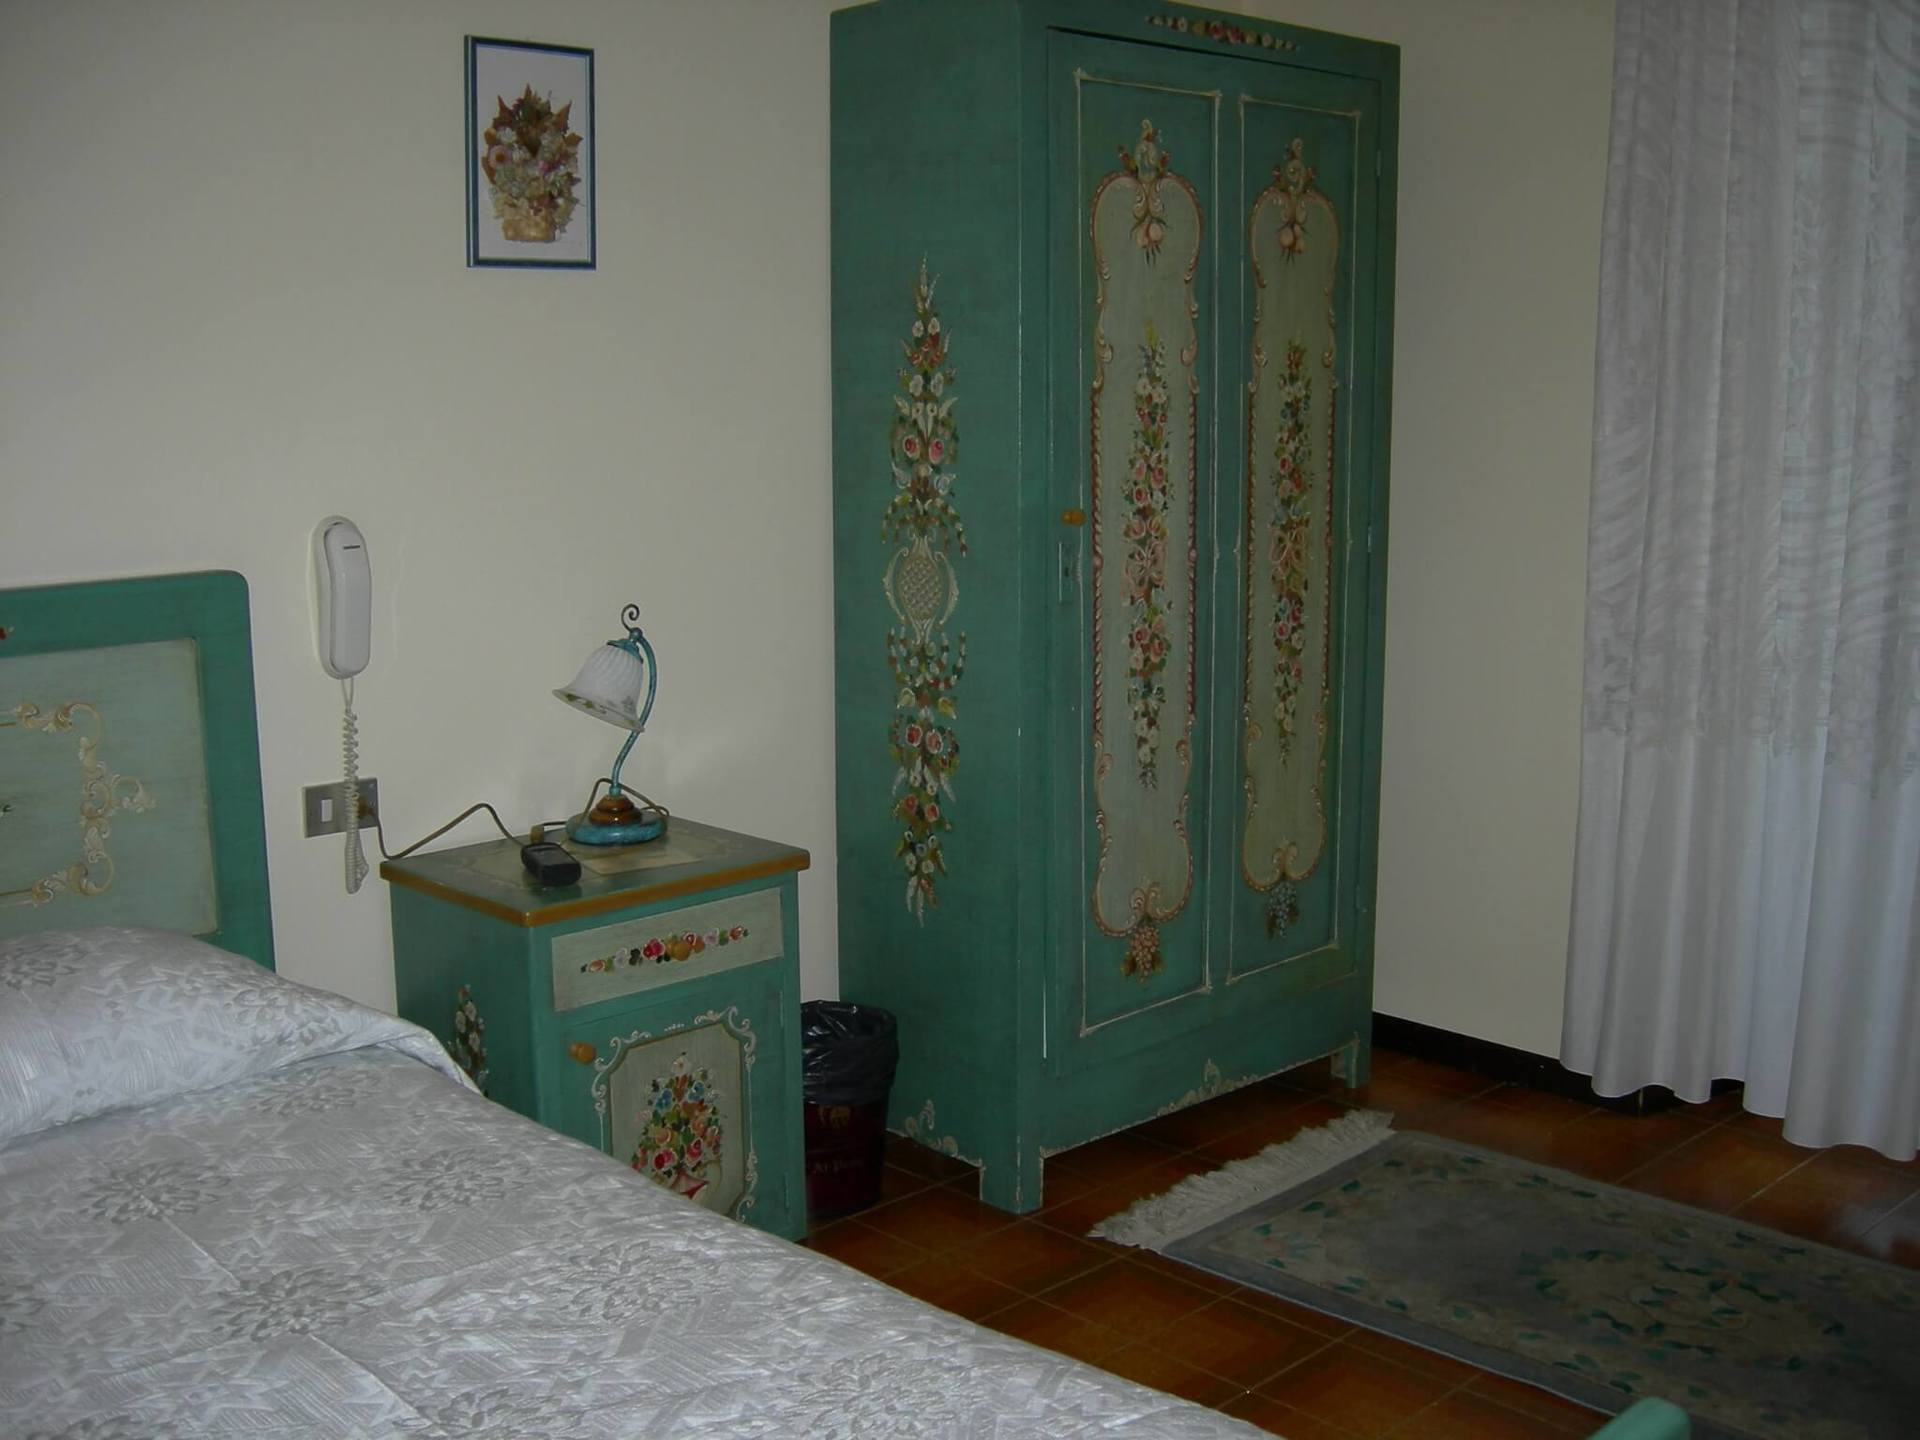 camera d'albergo con armadio verde